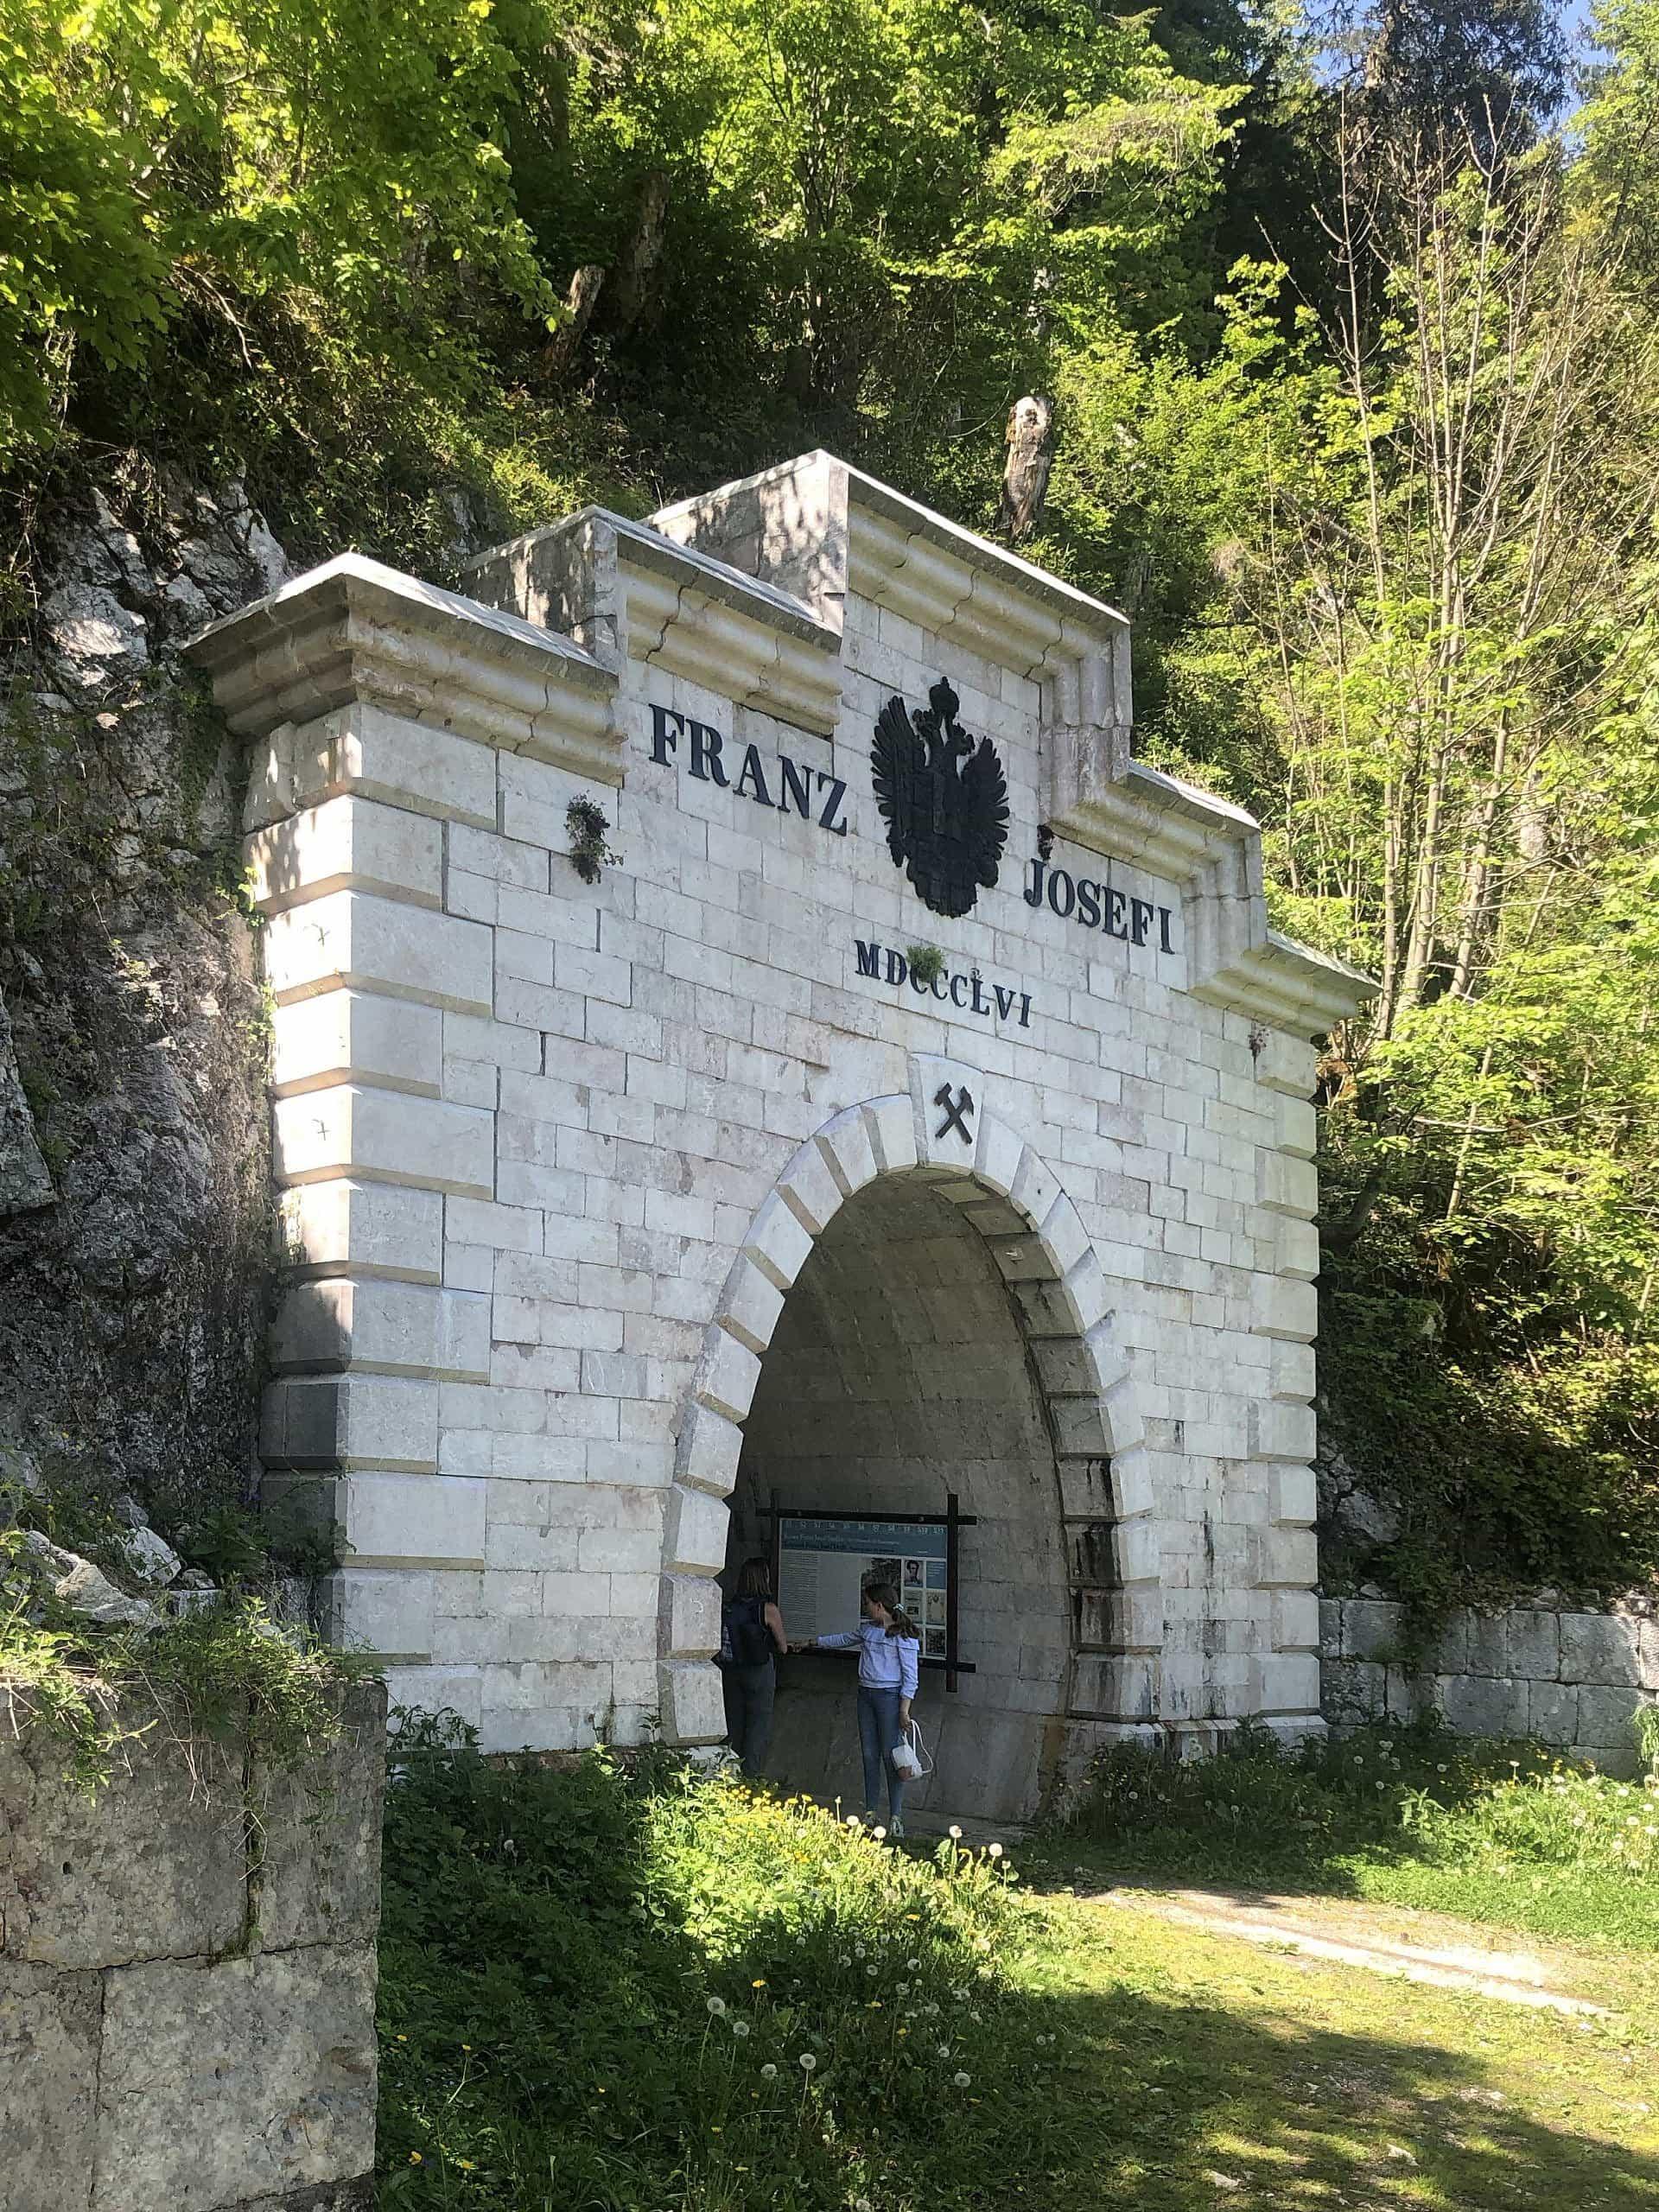 Entrance to the Old Salt mine in Hallstatt